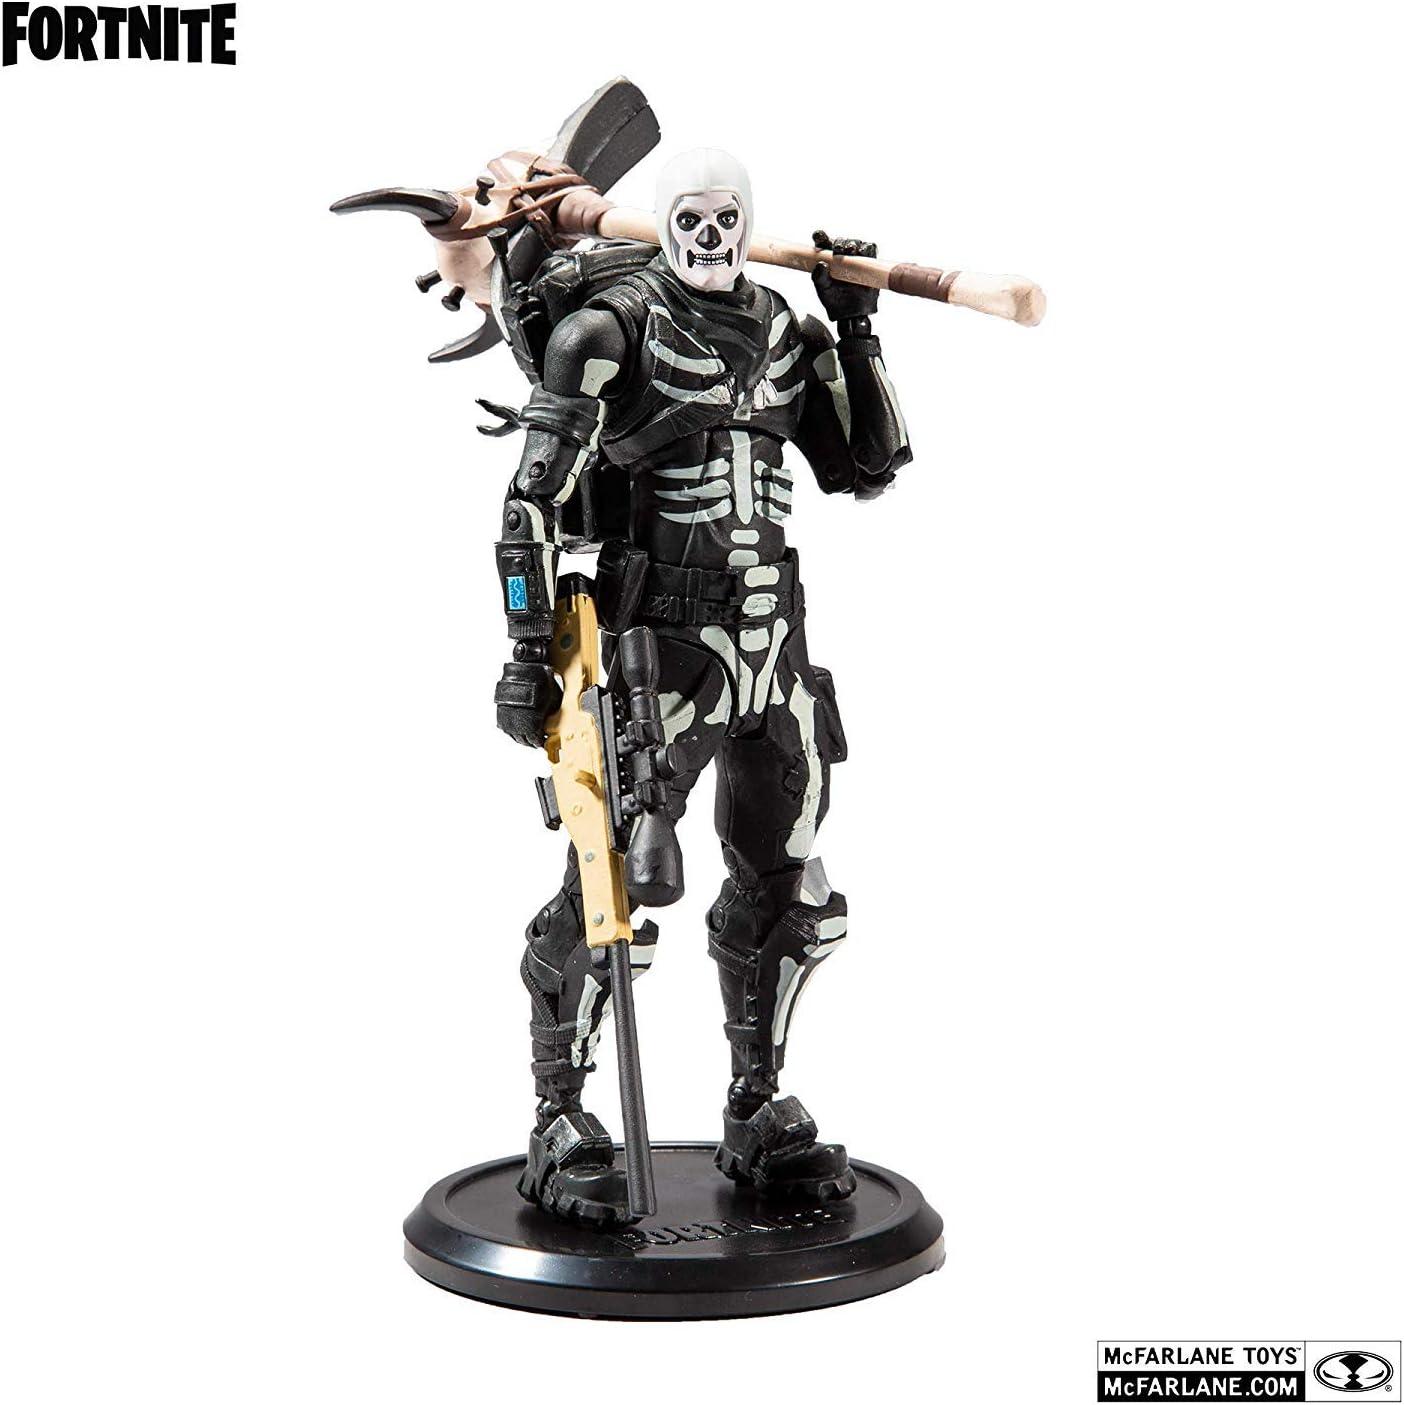 Fortnite Figura articulada Skull Trooper, Multicolor, Talla única (MC Farlane MCF10602-2)